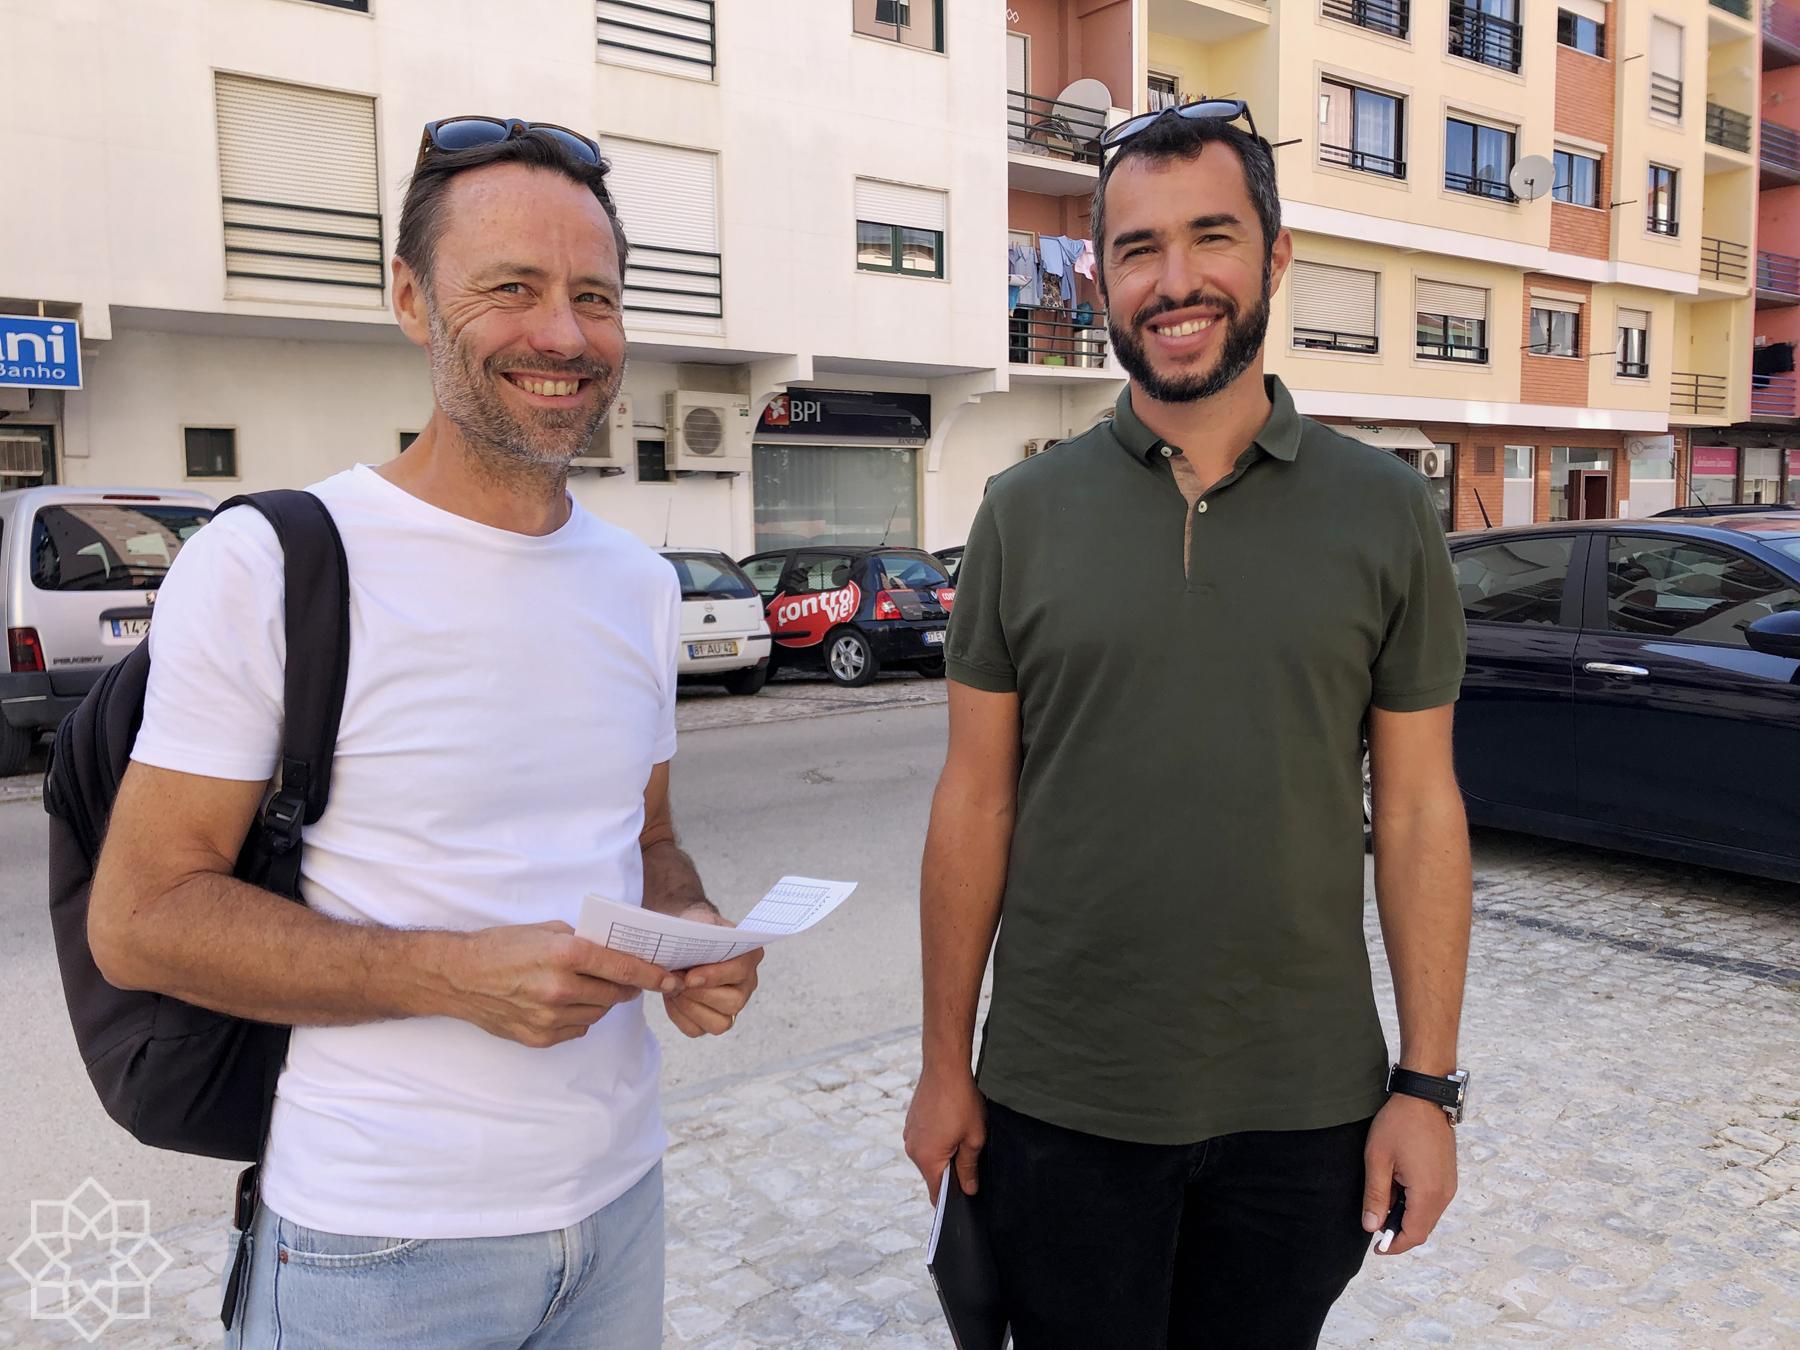 Jörgen and Renato, Torres Vedras